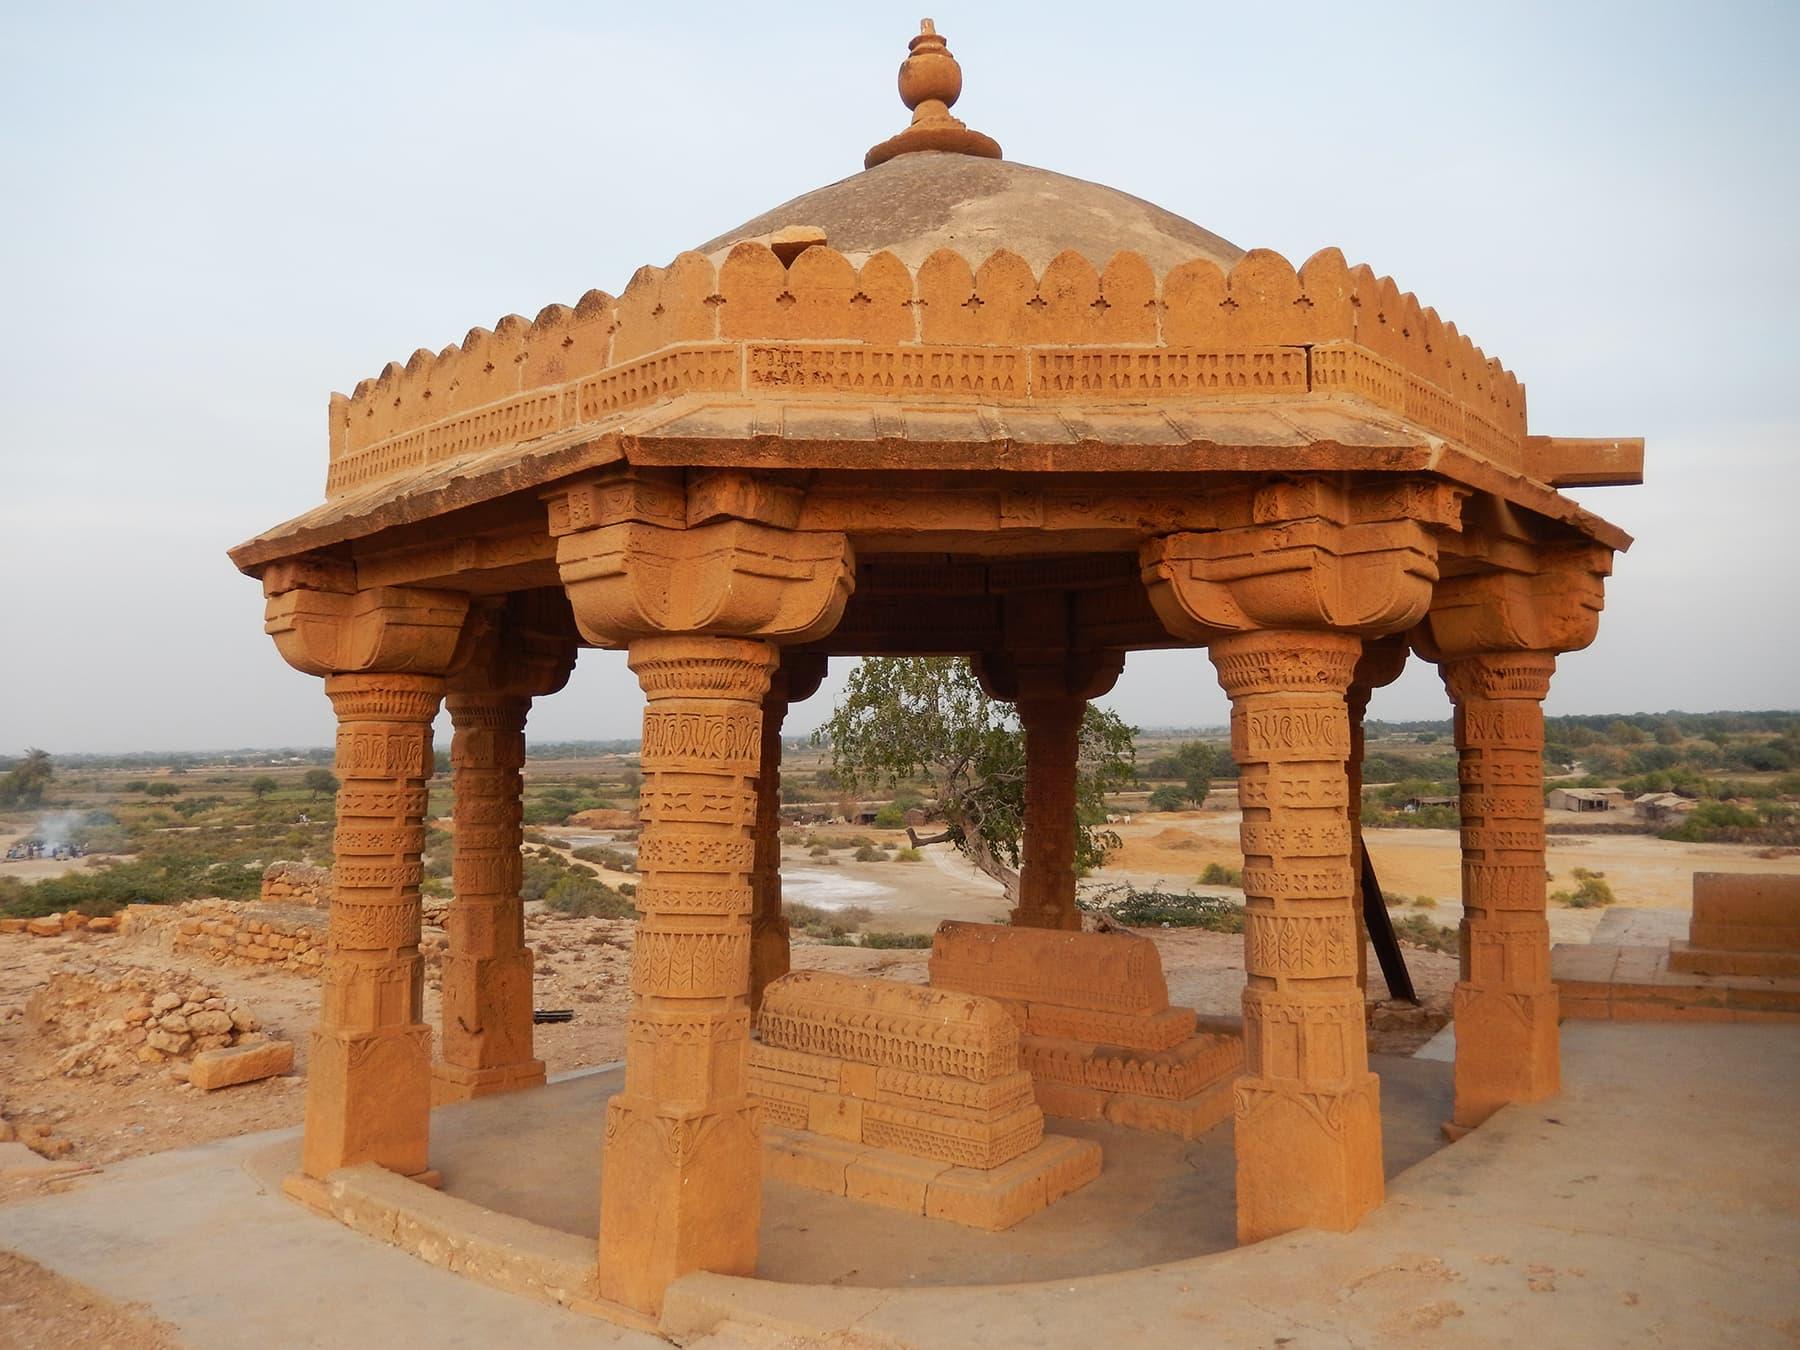 قدیم مکلی قبرستان—تصویر ابوبکر شیخ